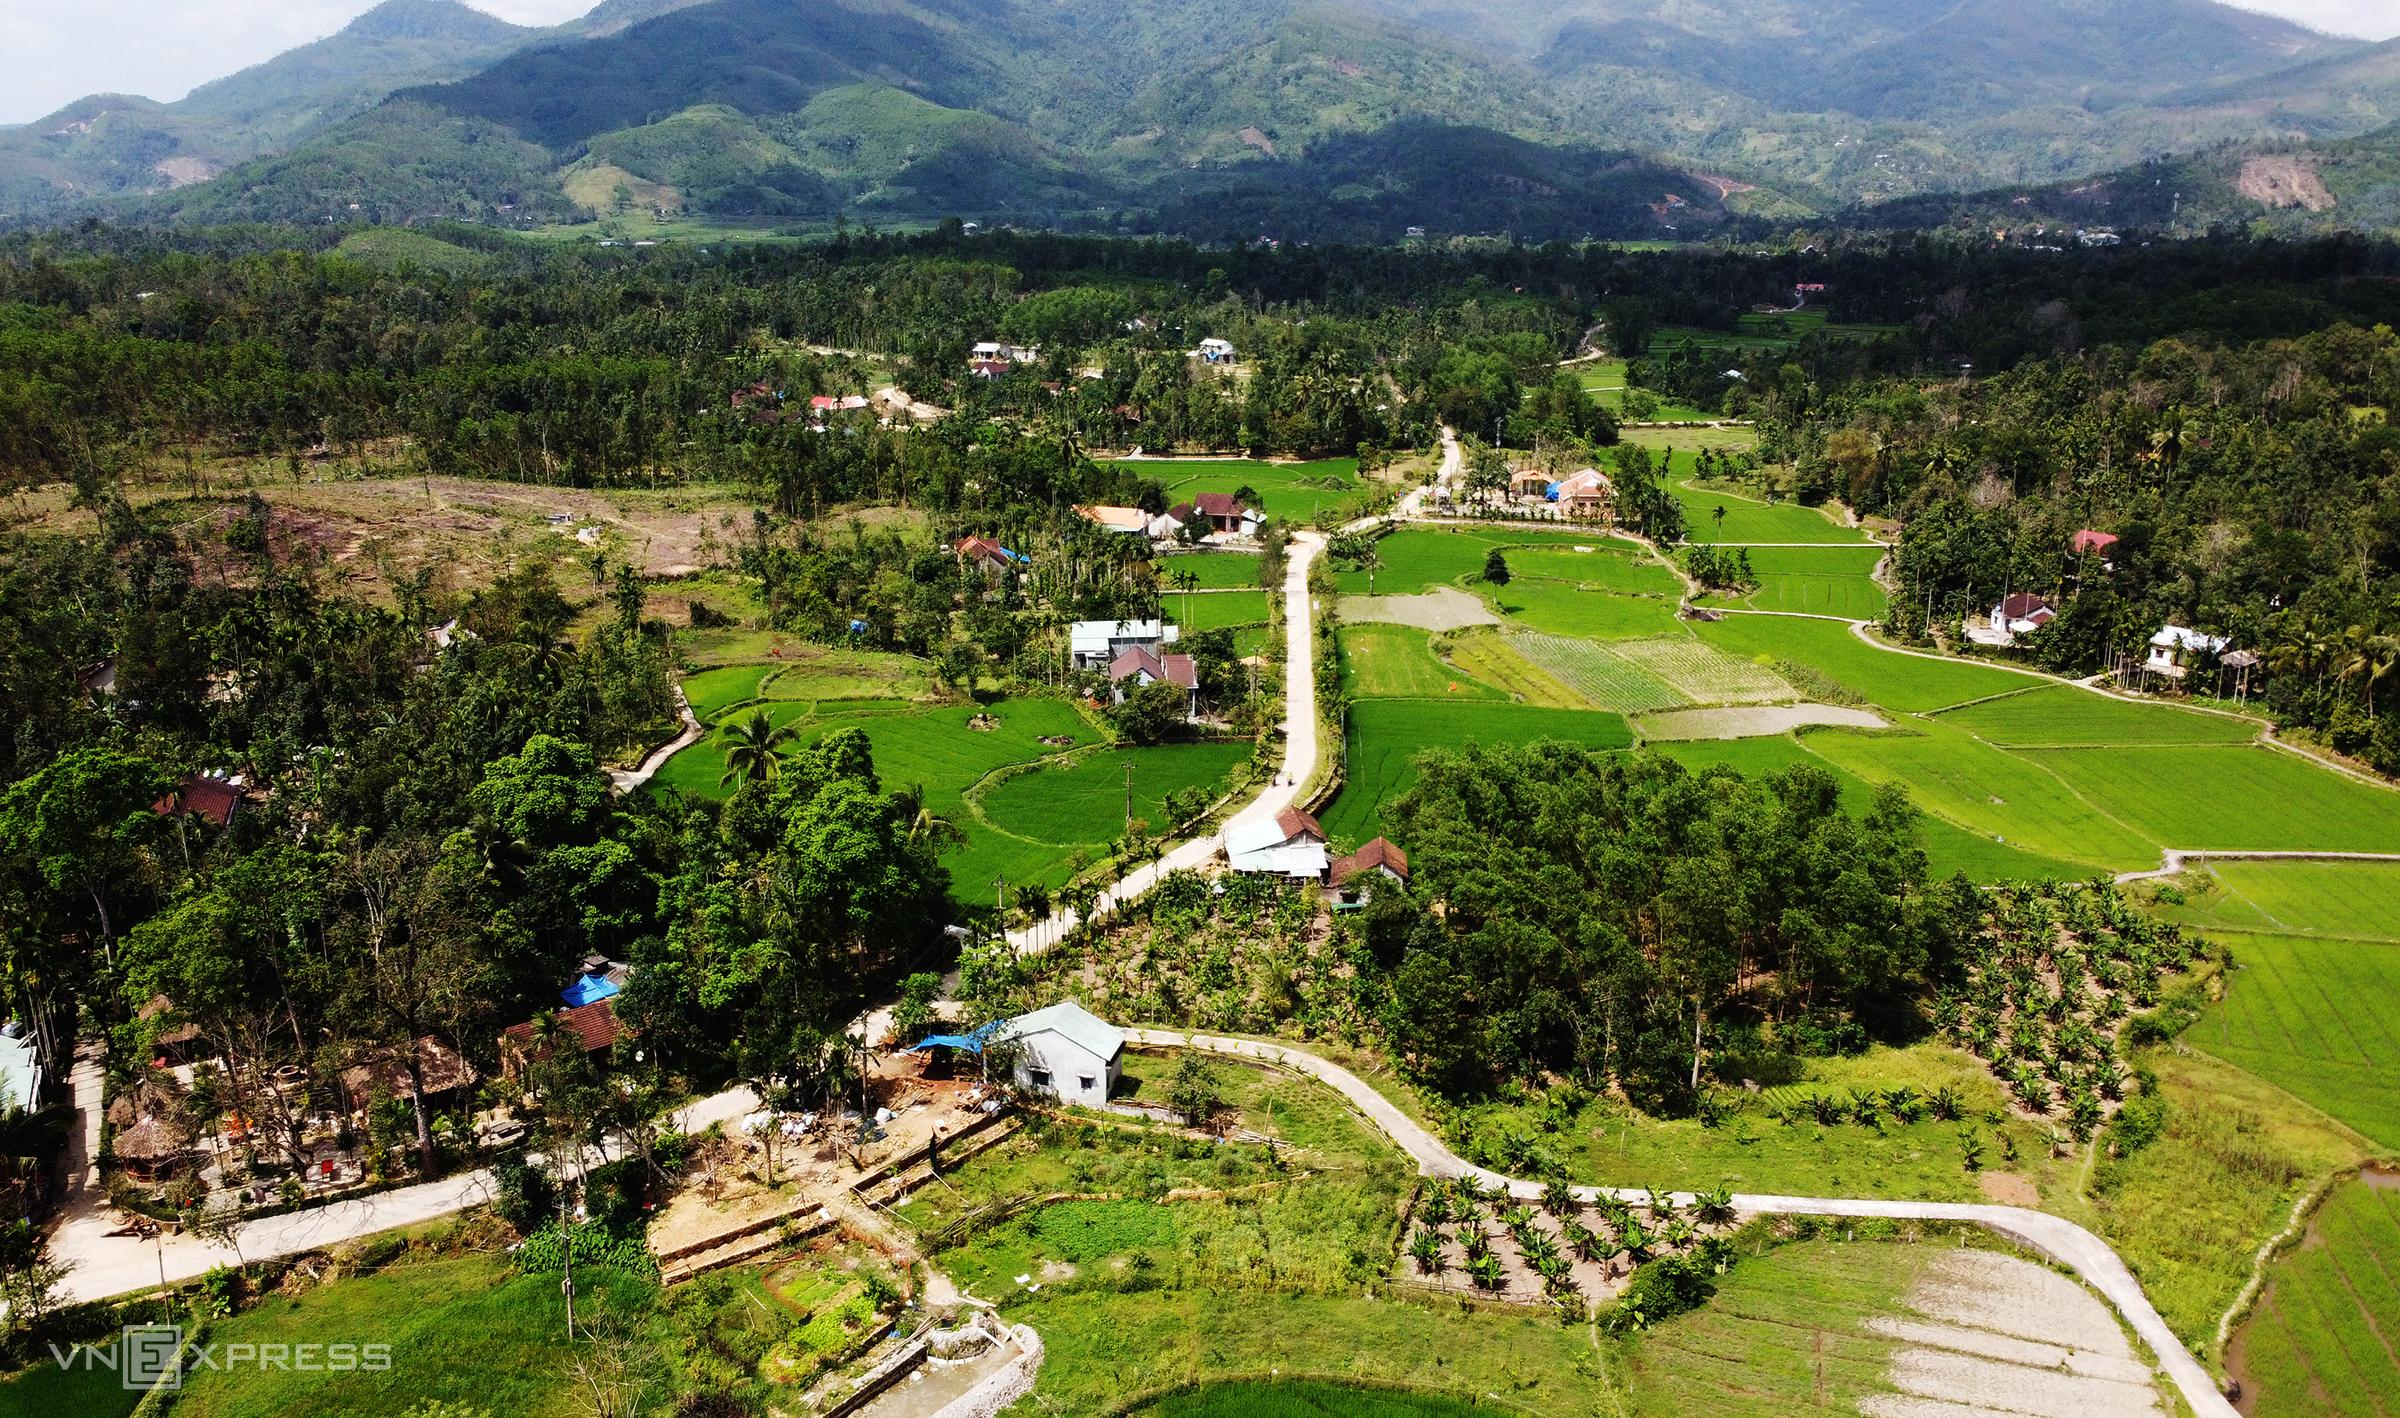 Một góc huyện Tiên Phước, huyện trung du nằm ở phía tây tỉnh Quảng Nam. Ảnh: Đắc Thành.